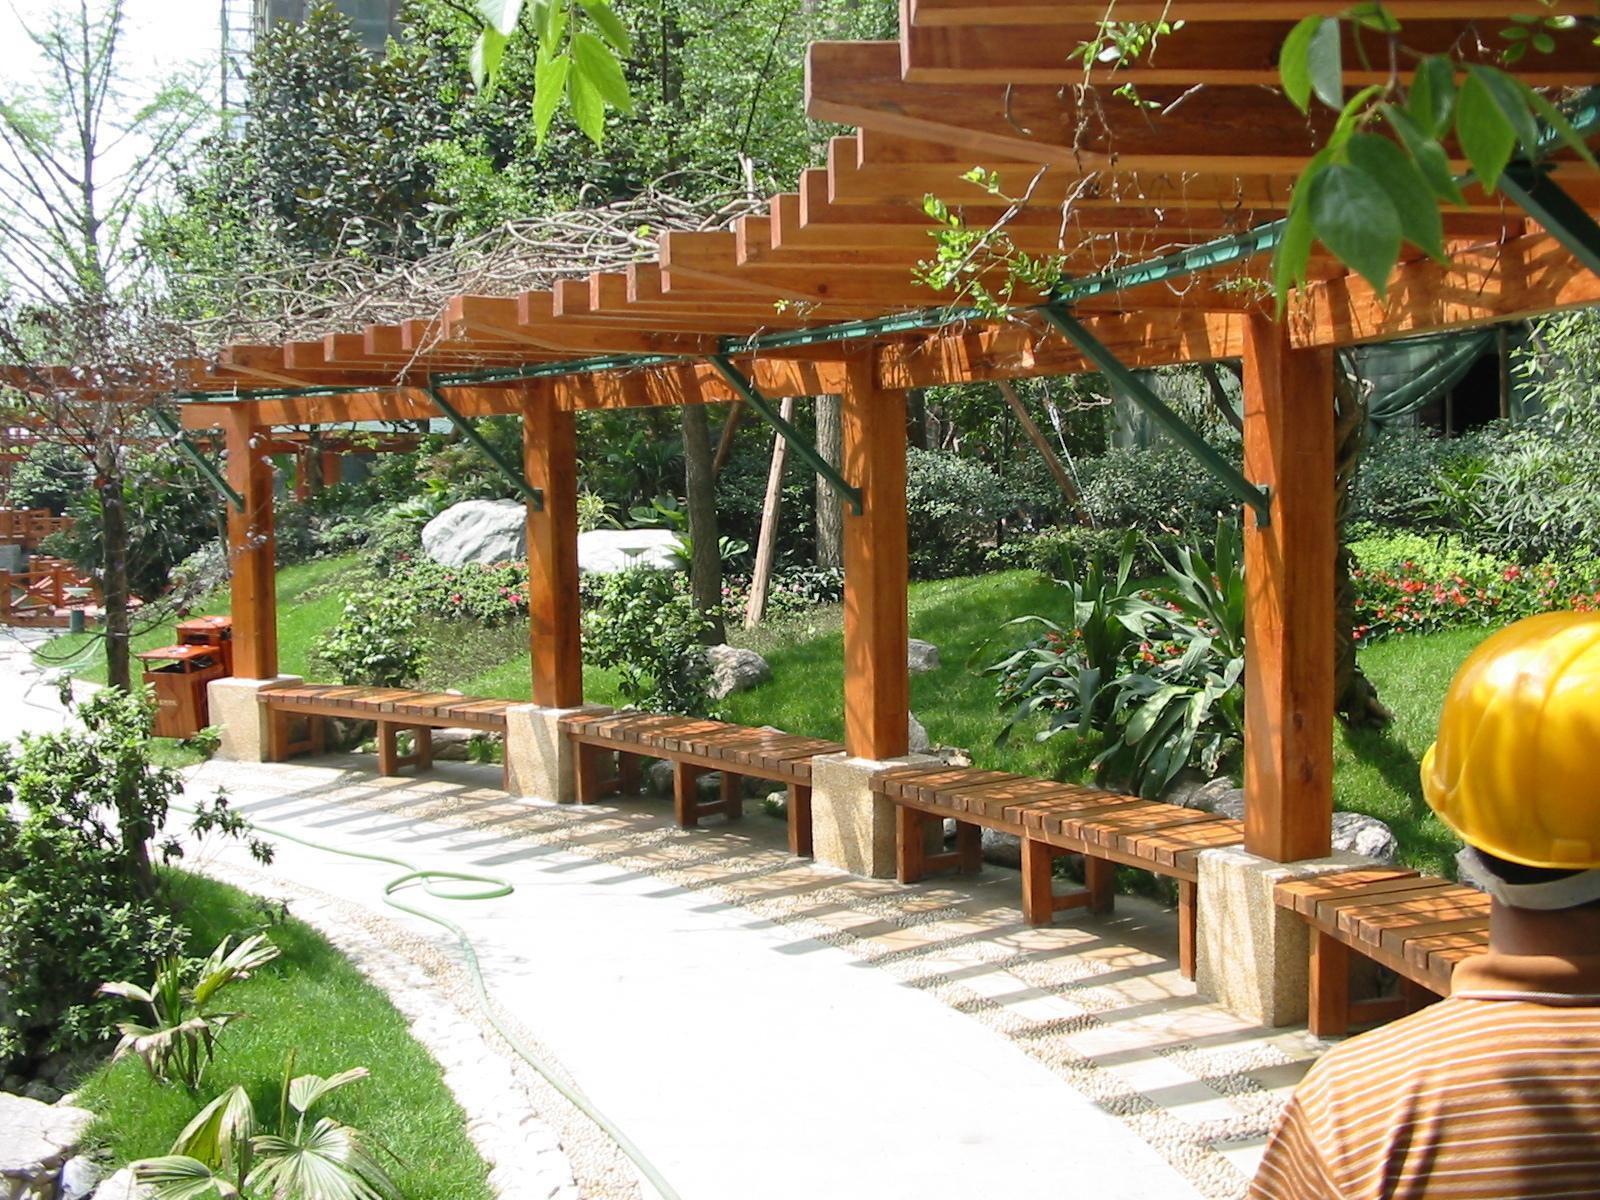 传统木工手艺,葡萄架/花架/围栏/亲水平台等各种户外木